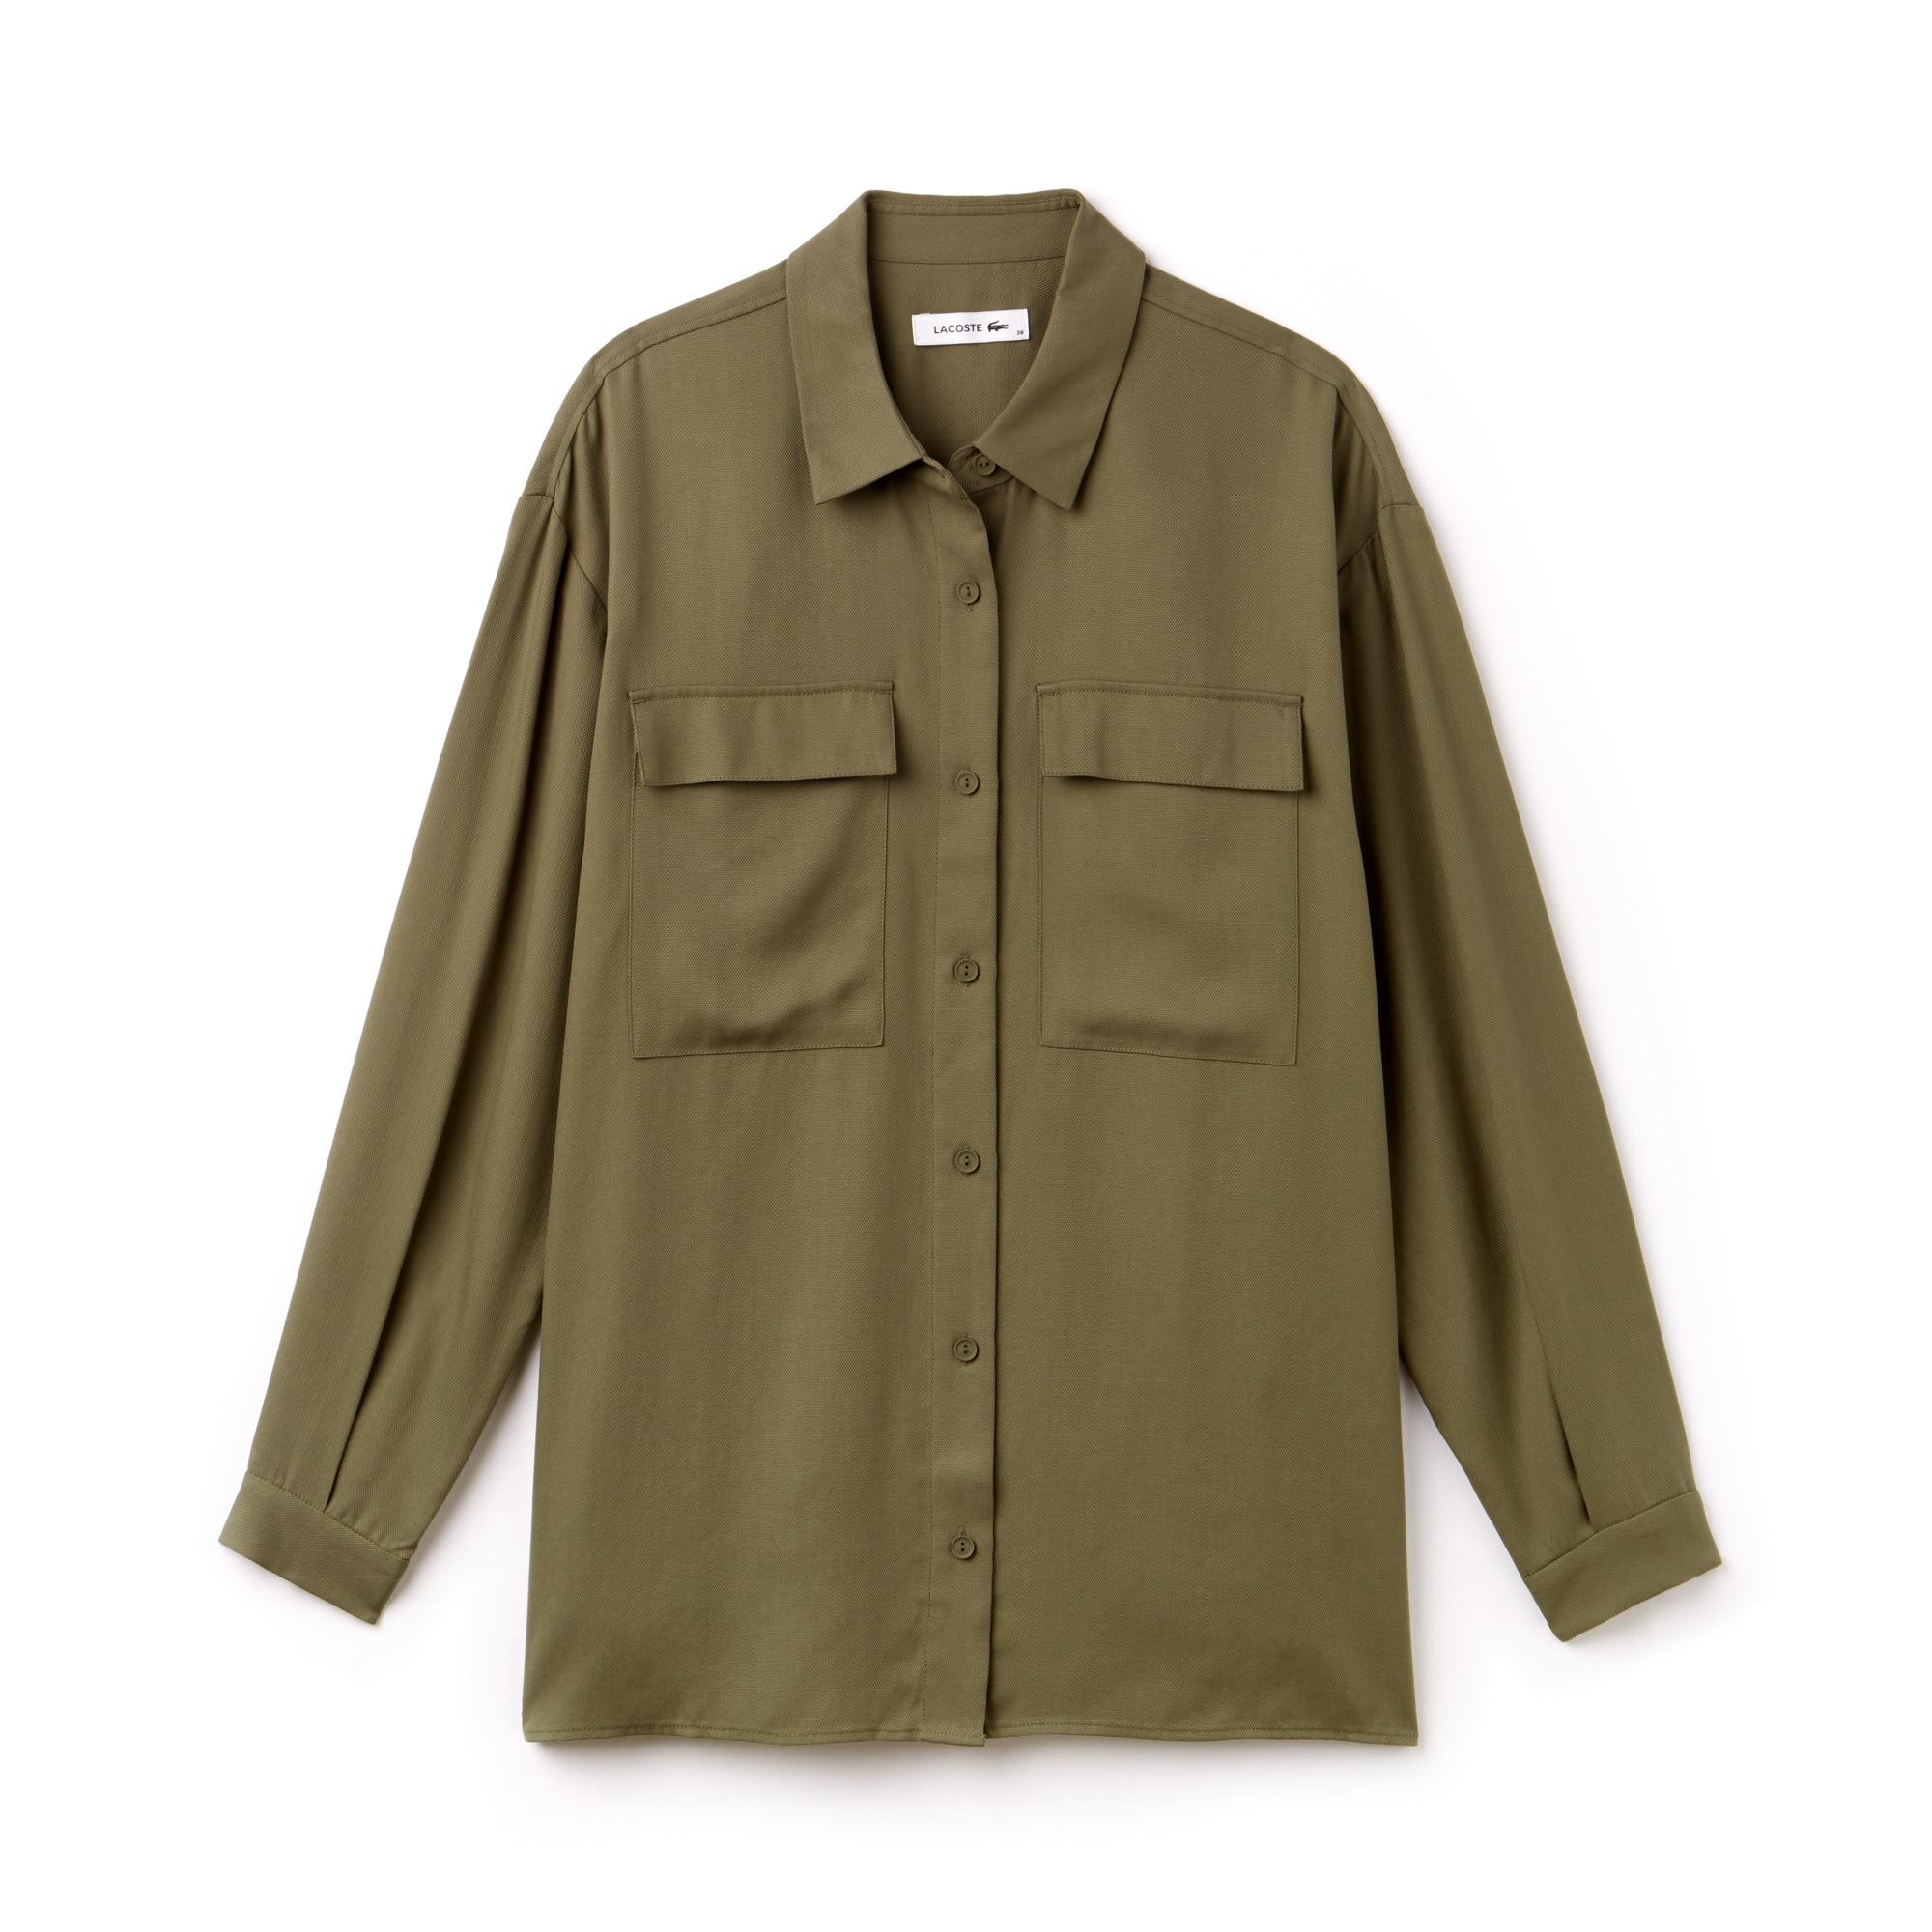 Lockere Damen-Bluse aus fließendem Piqué